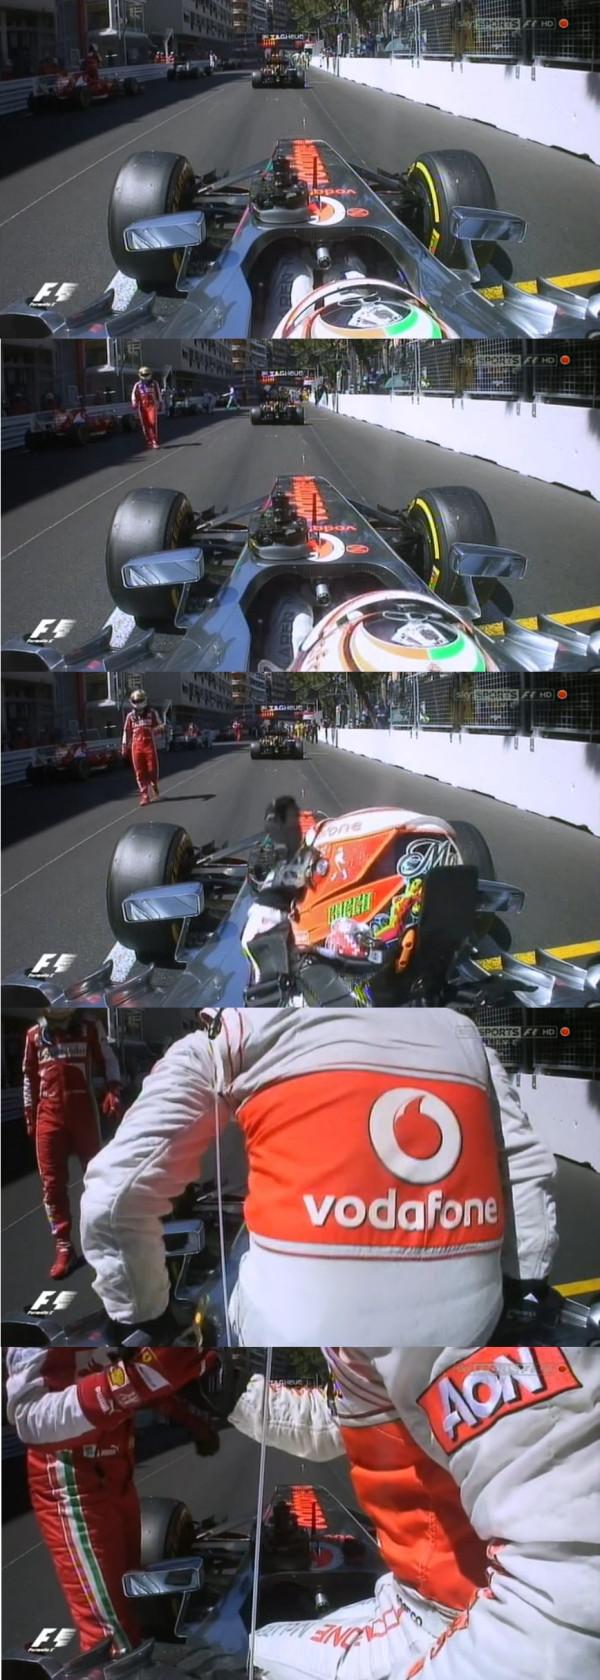 Фернандо Алонсо подходит к Серхио Пересу и пожимает руку в период красных флагов на Гран-при Монако 2013